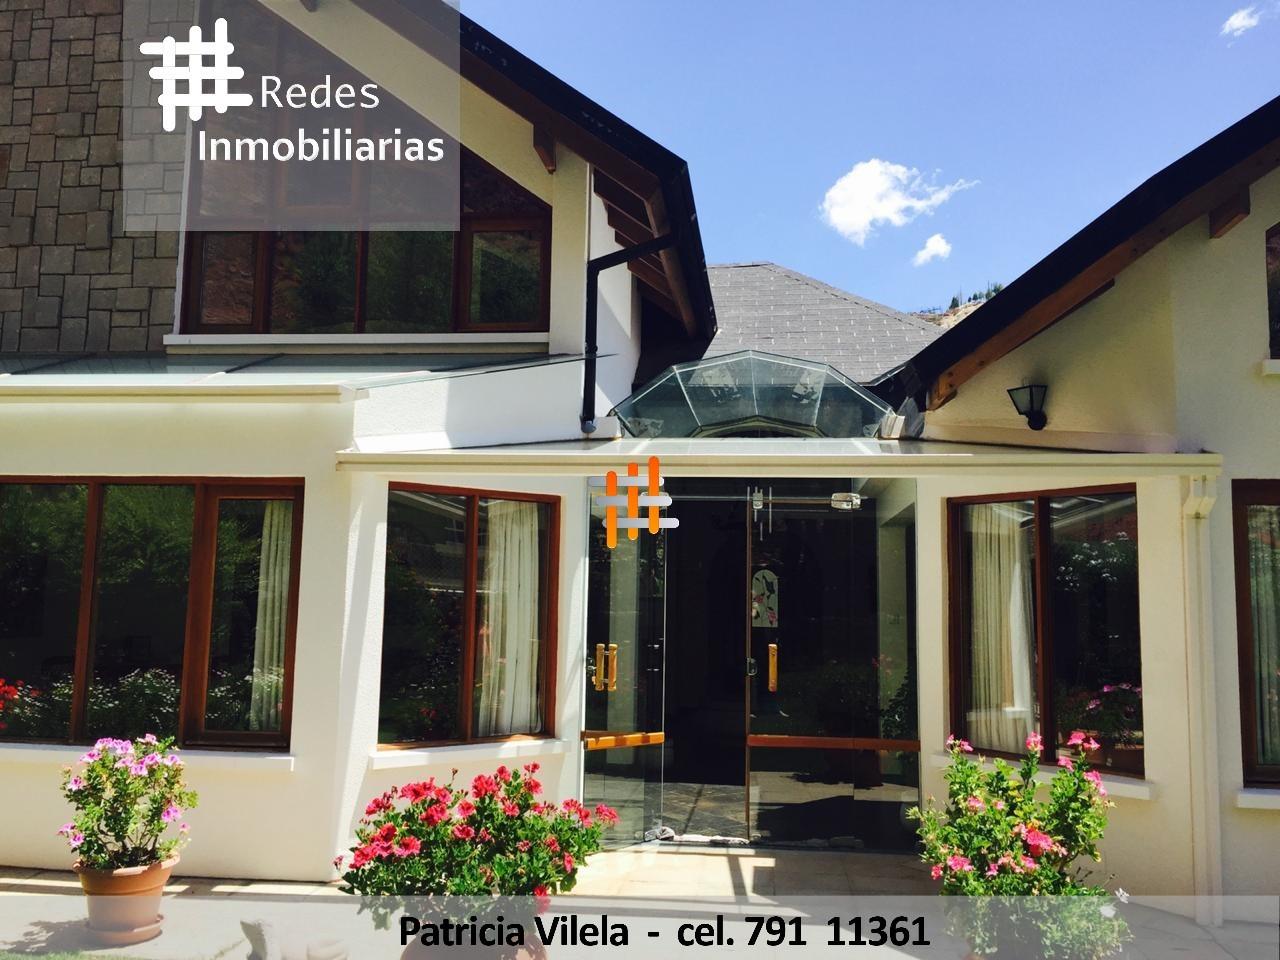 Casa en Alquiler CASA EN ALQUILER ARANJUEZ Foto 14